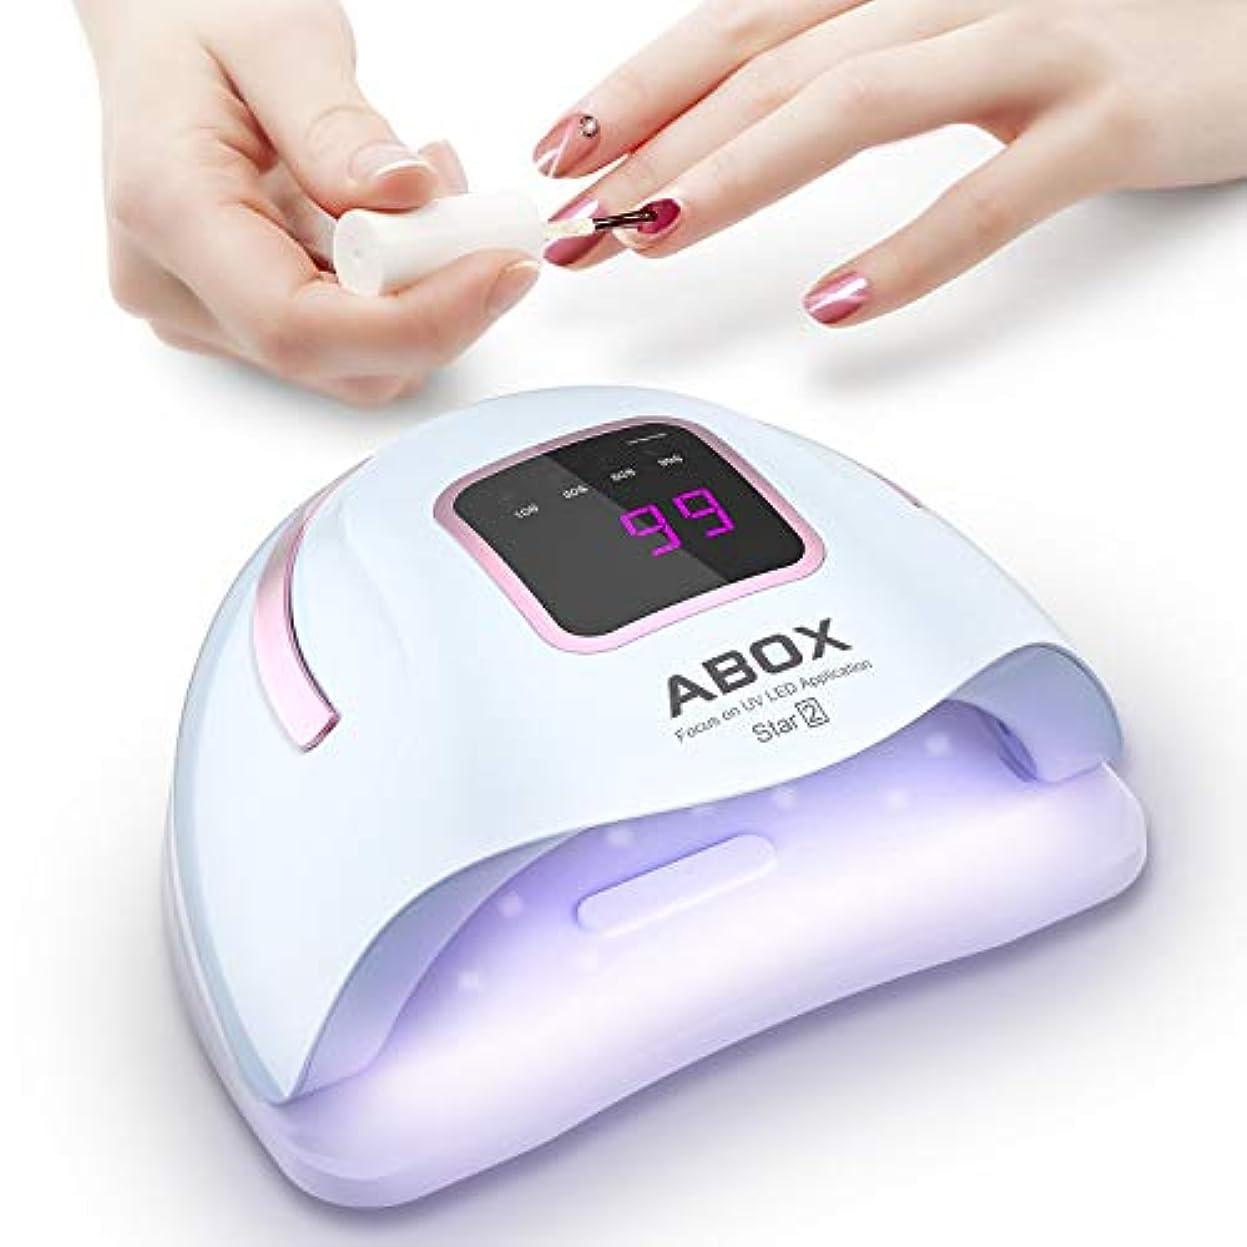 ノミネートロッジシリアルネイルドライヤー ABOX 72W 硬化用UV+LEDライト 4段階タイマー付き 自動センサー 携帯便利 ポリッシュもジェルネイル対応 時間目安 日本語説明書付き